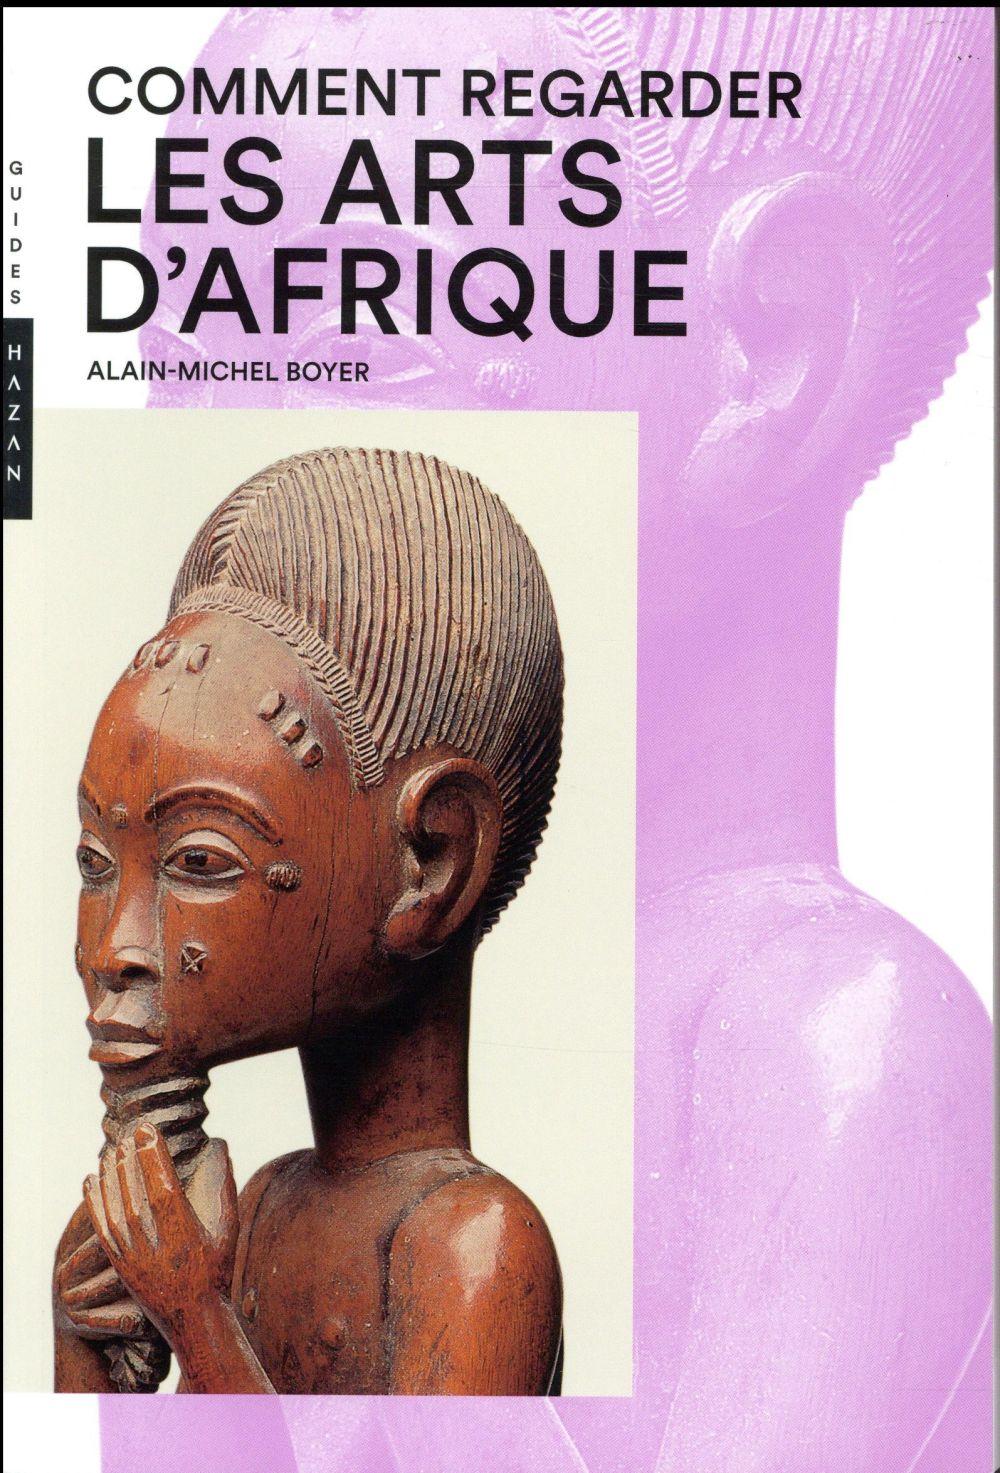 COMMENT REGARDER LES ARTS D'AFRIQUE NOUVELLE EDITION